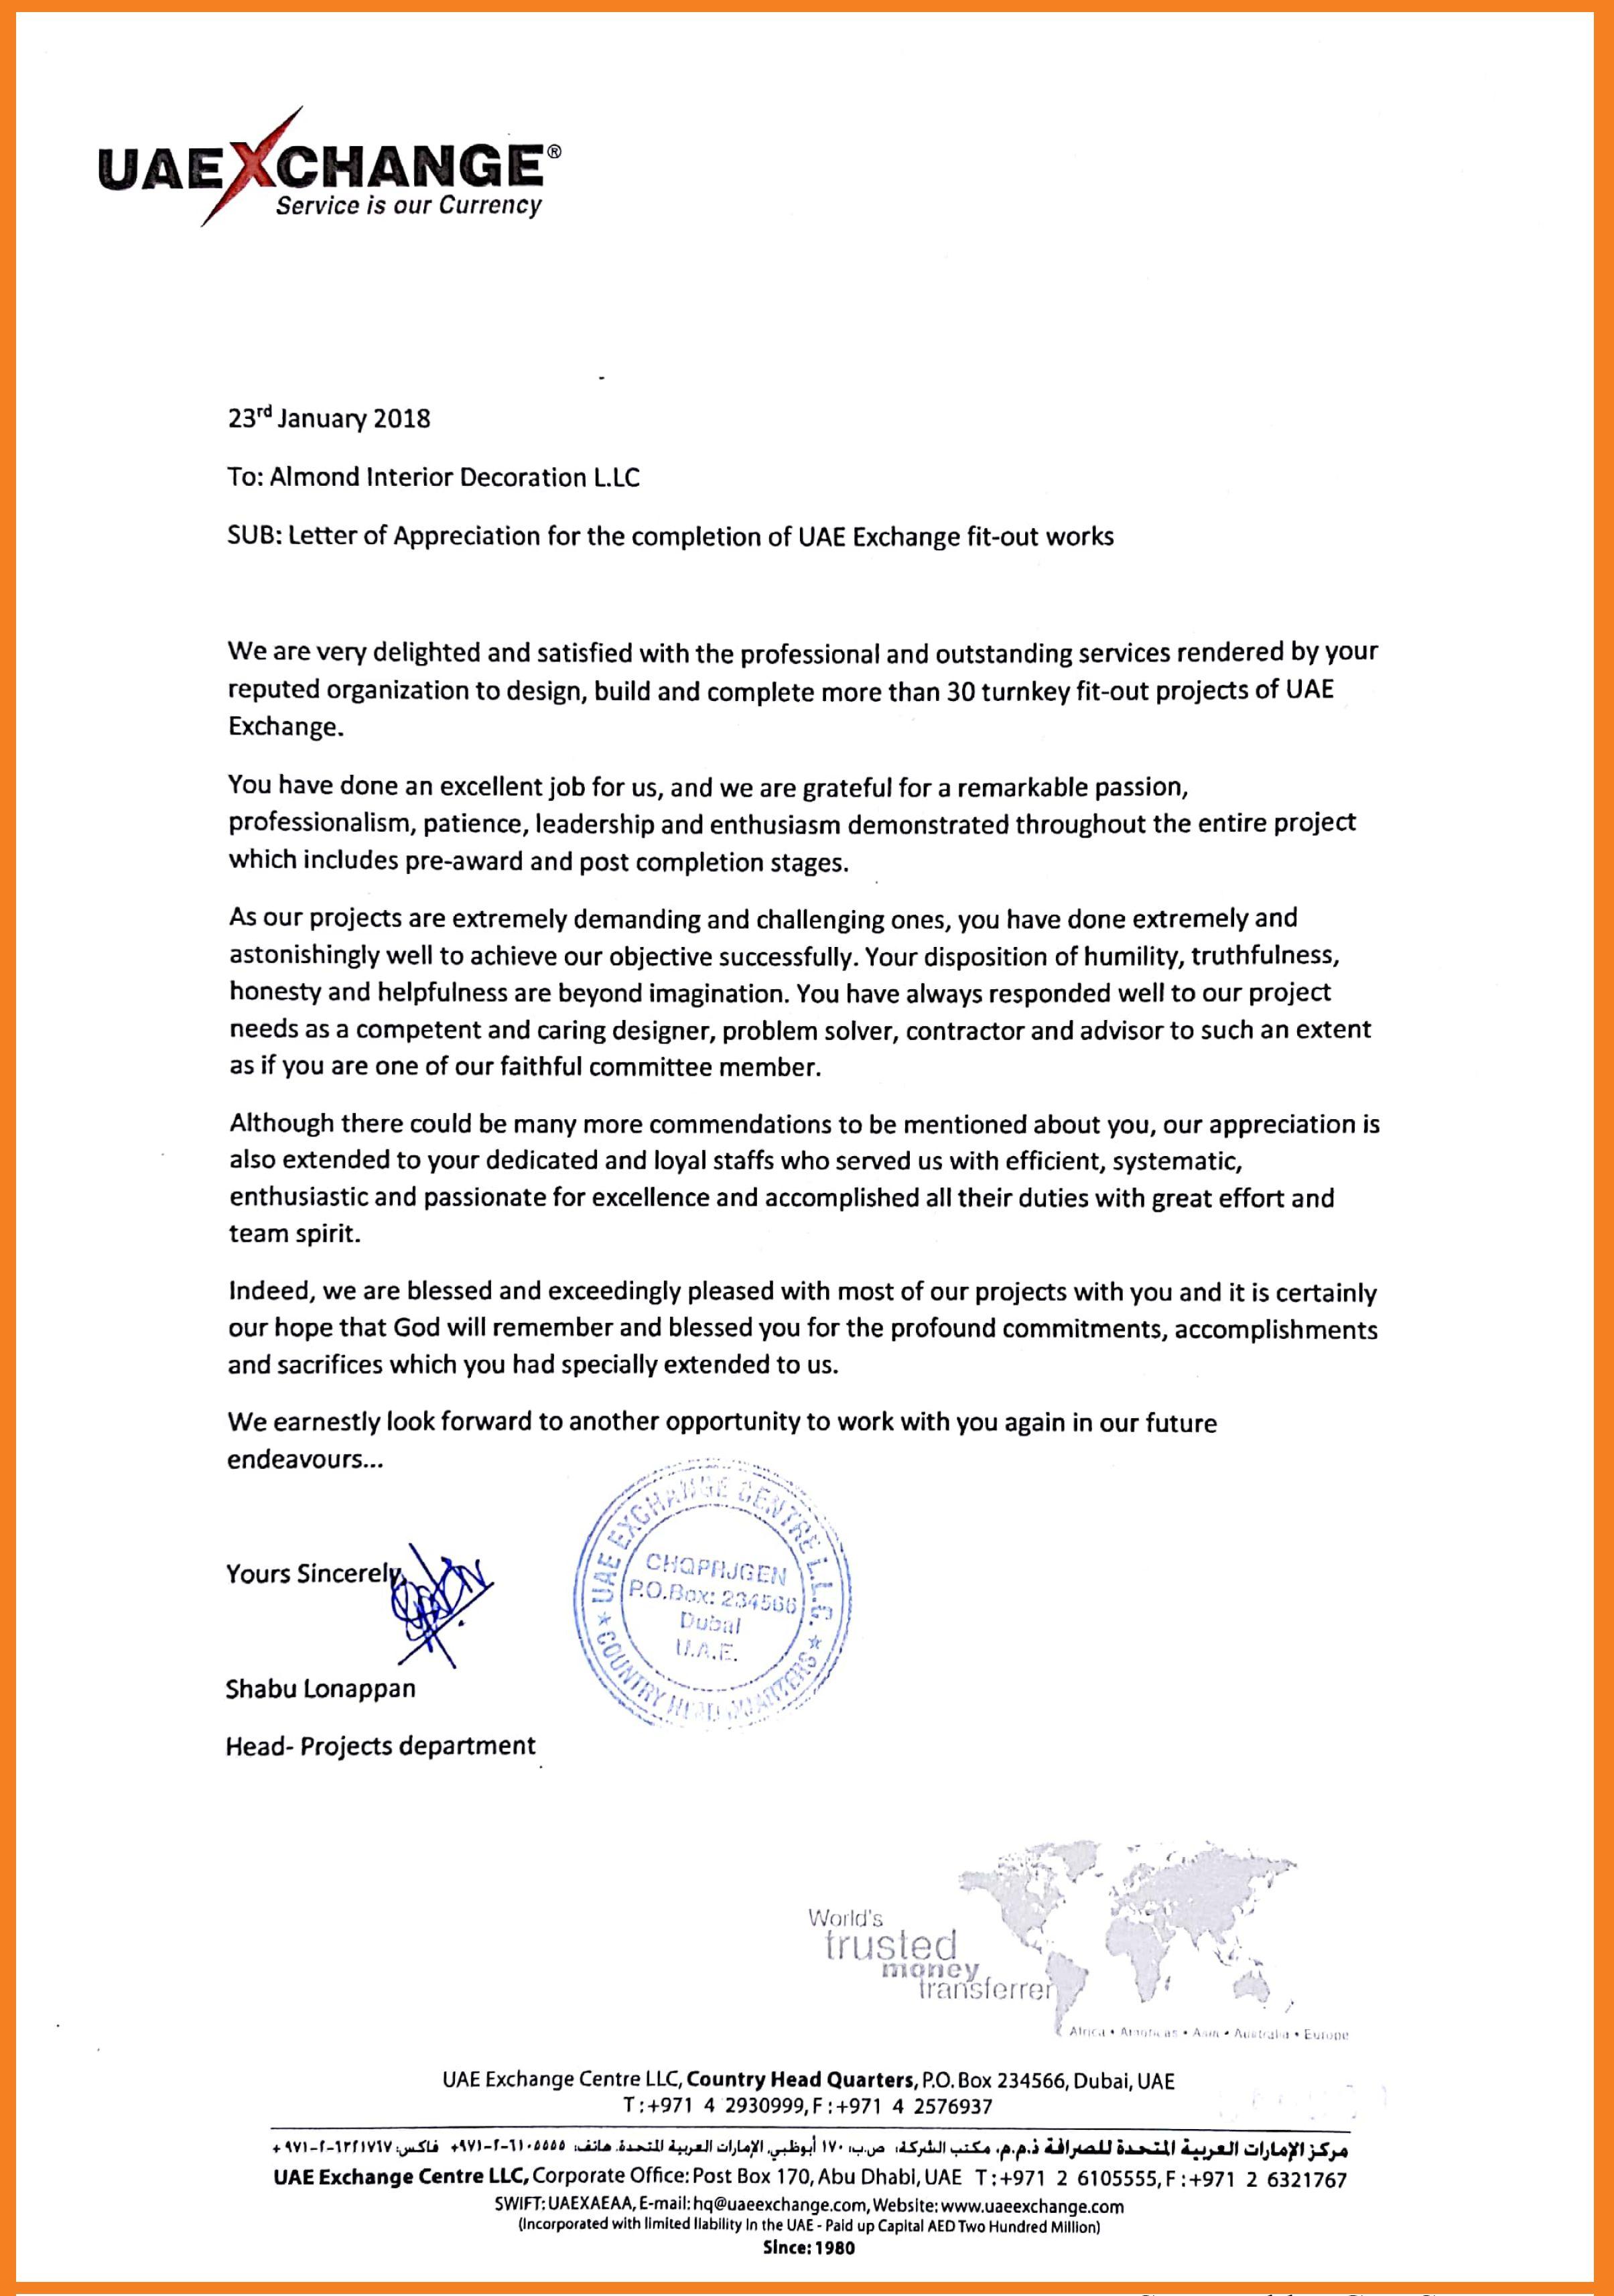 B-2 Tourist Visa Invitation Letter